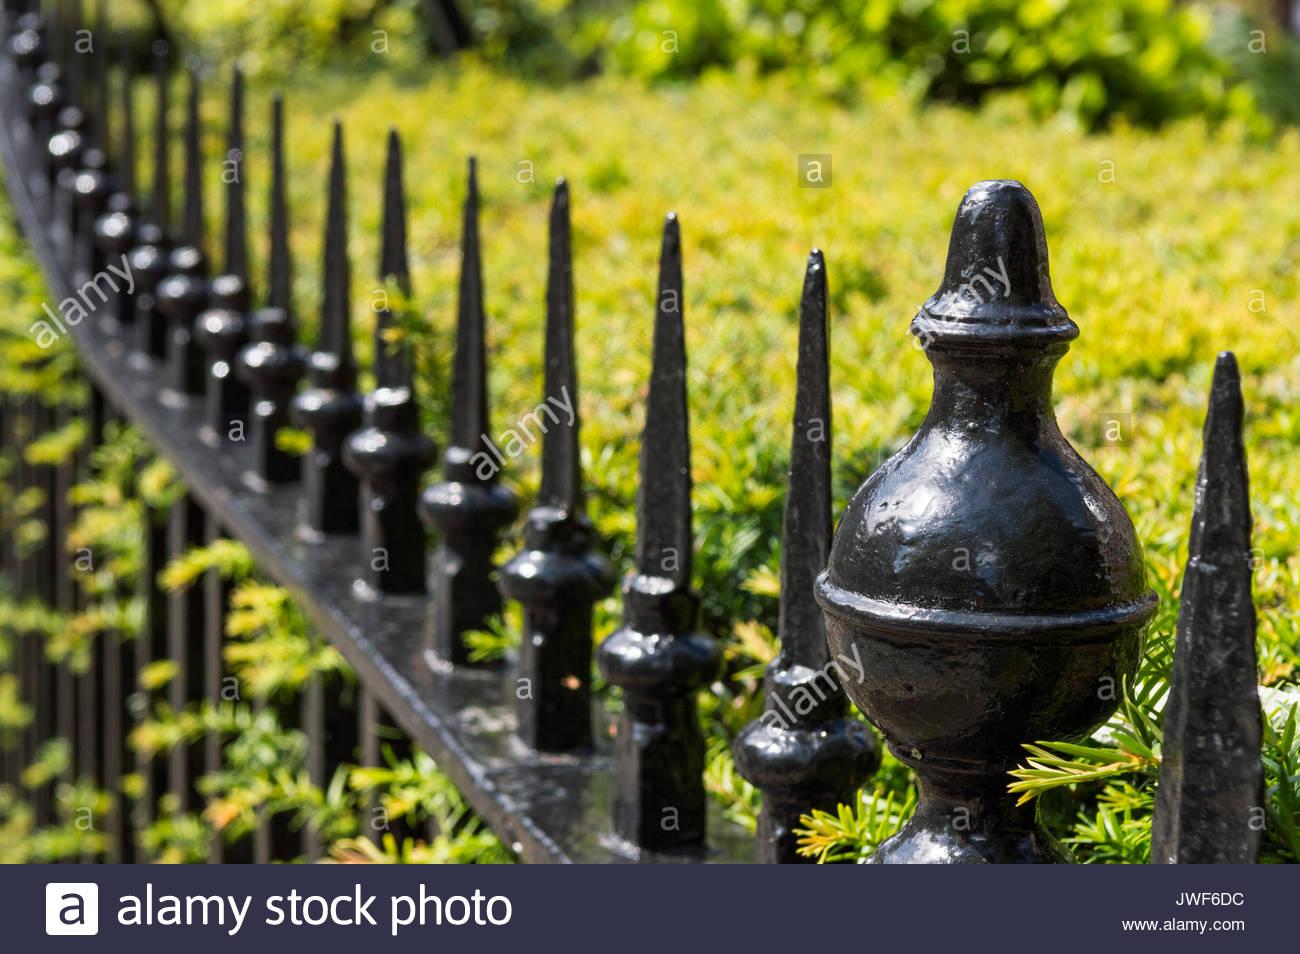 Ornate Metal Railings Stock Photos & Ornate Metal Railings Stock ...